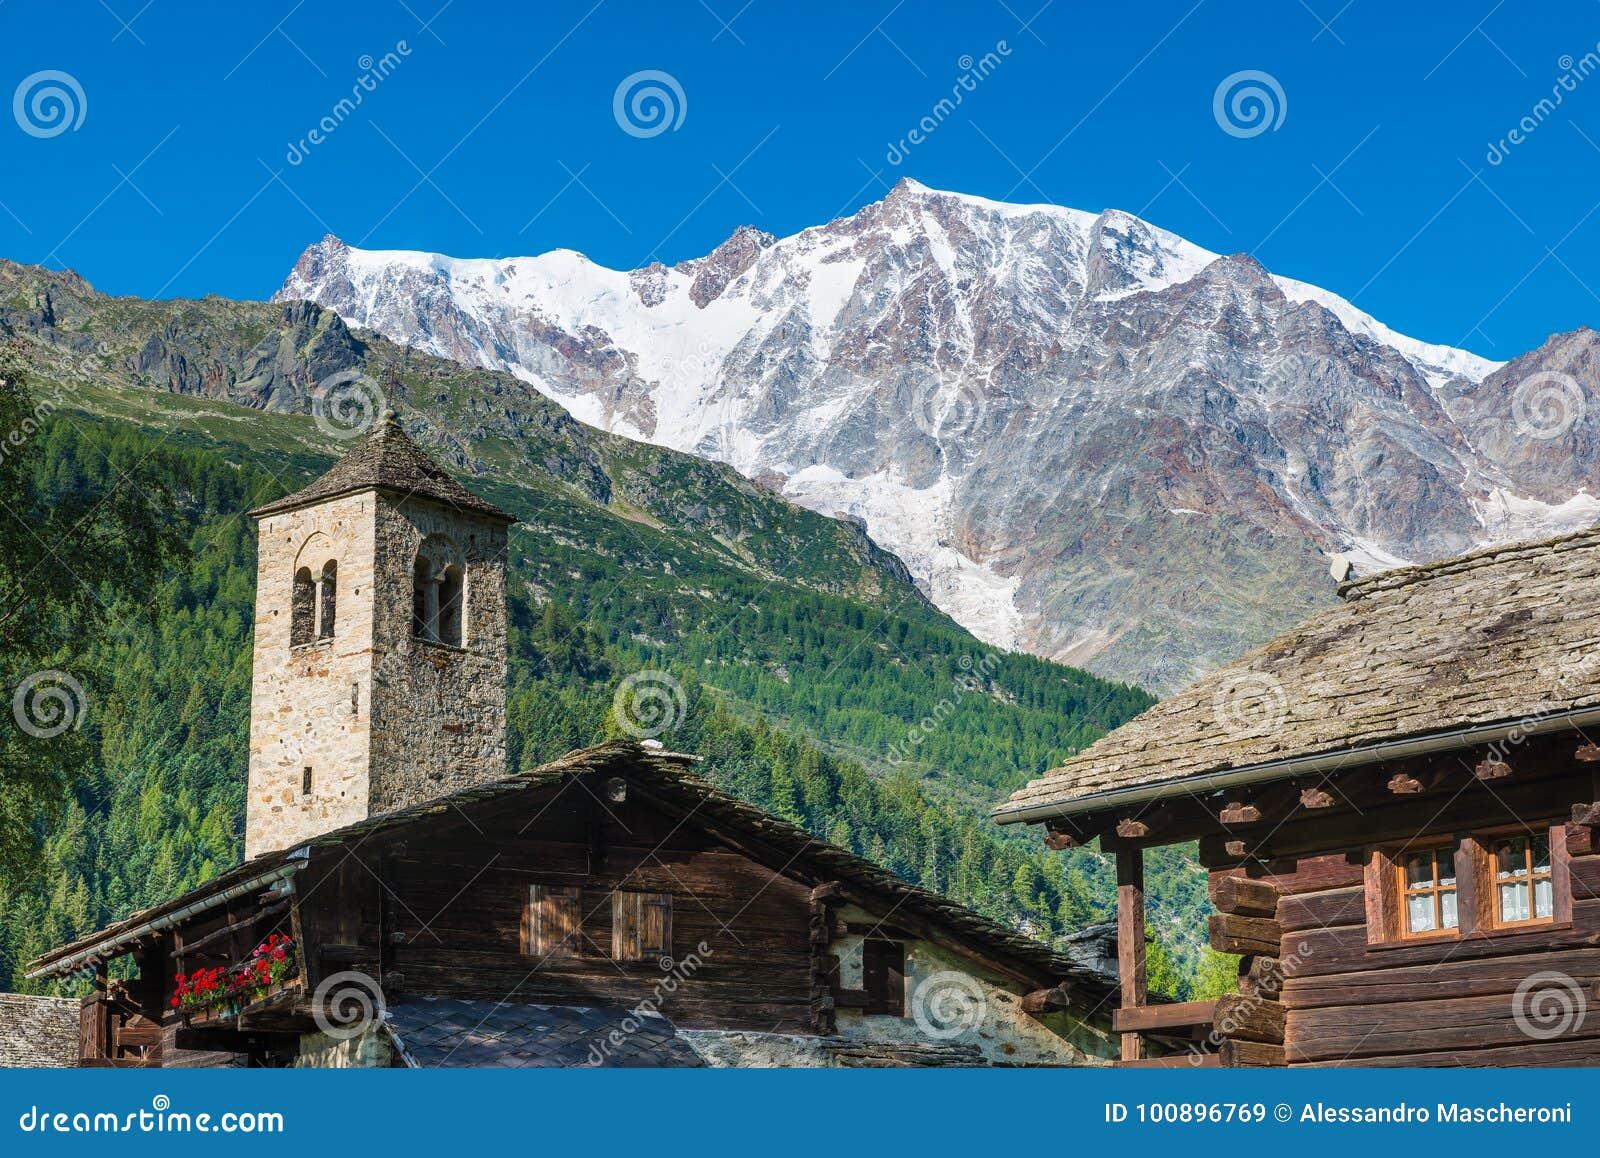 Paisagem da montanha Os cumes com Monte Rosa e a parede do leste espetacular da rocha e gelo de Macugnaga Staffa, Itália